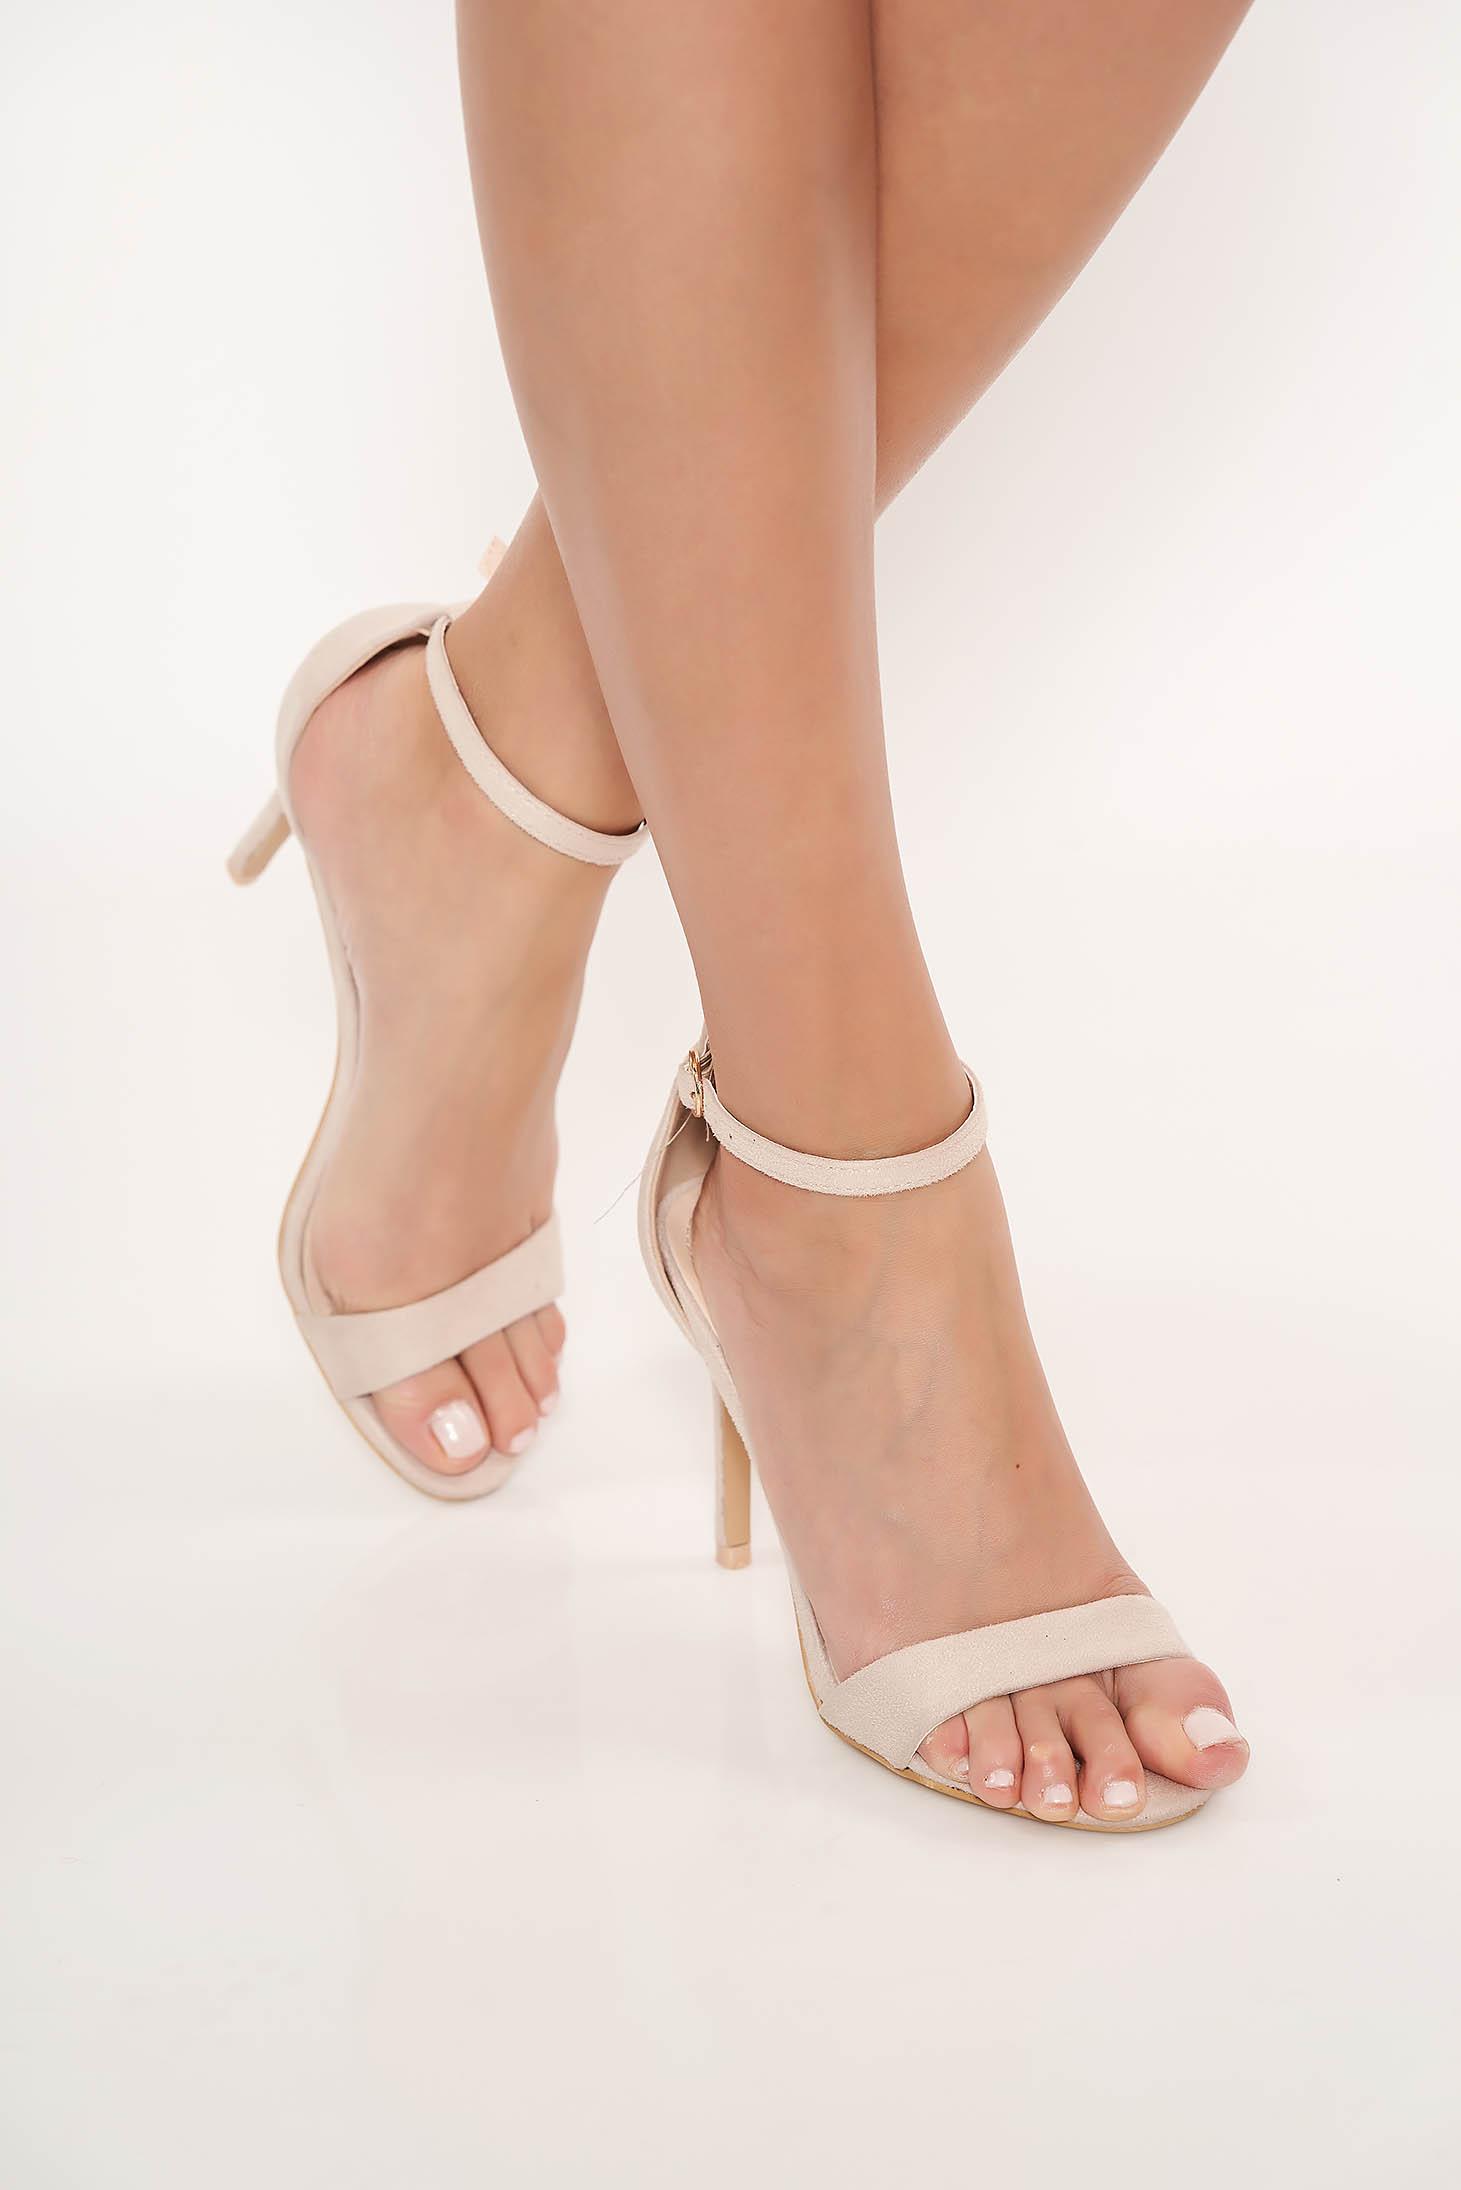 Sandale nude de ocazie din piele ecologica cu barete subtiri si toc inalt